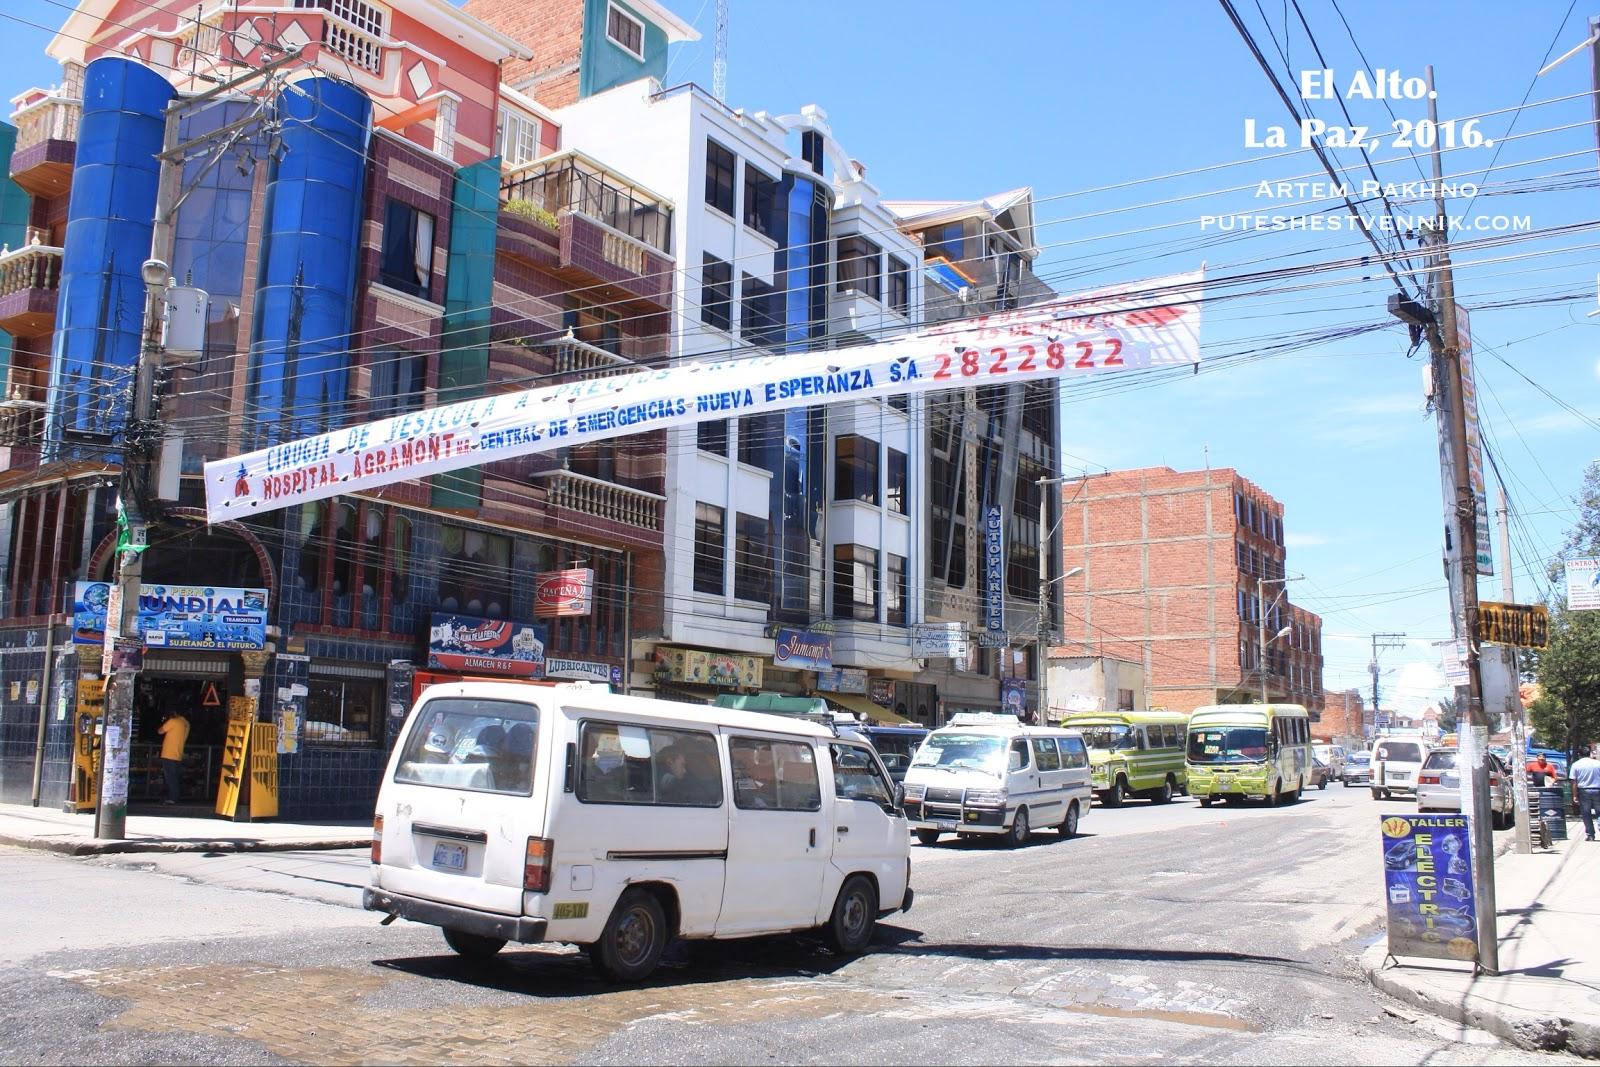 Улица в Эль-Альто